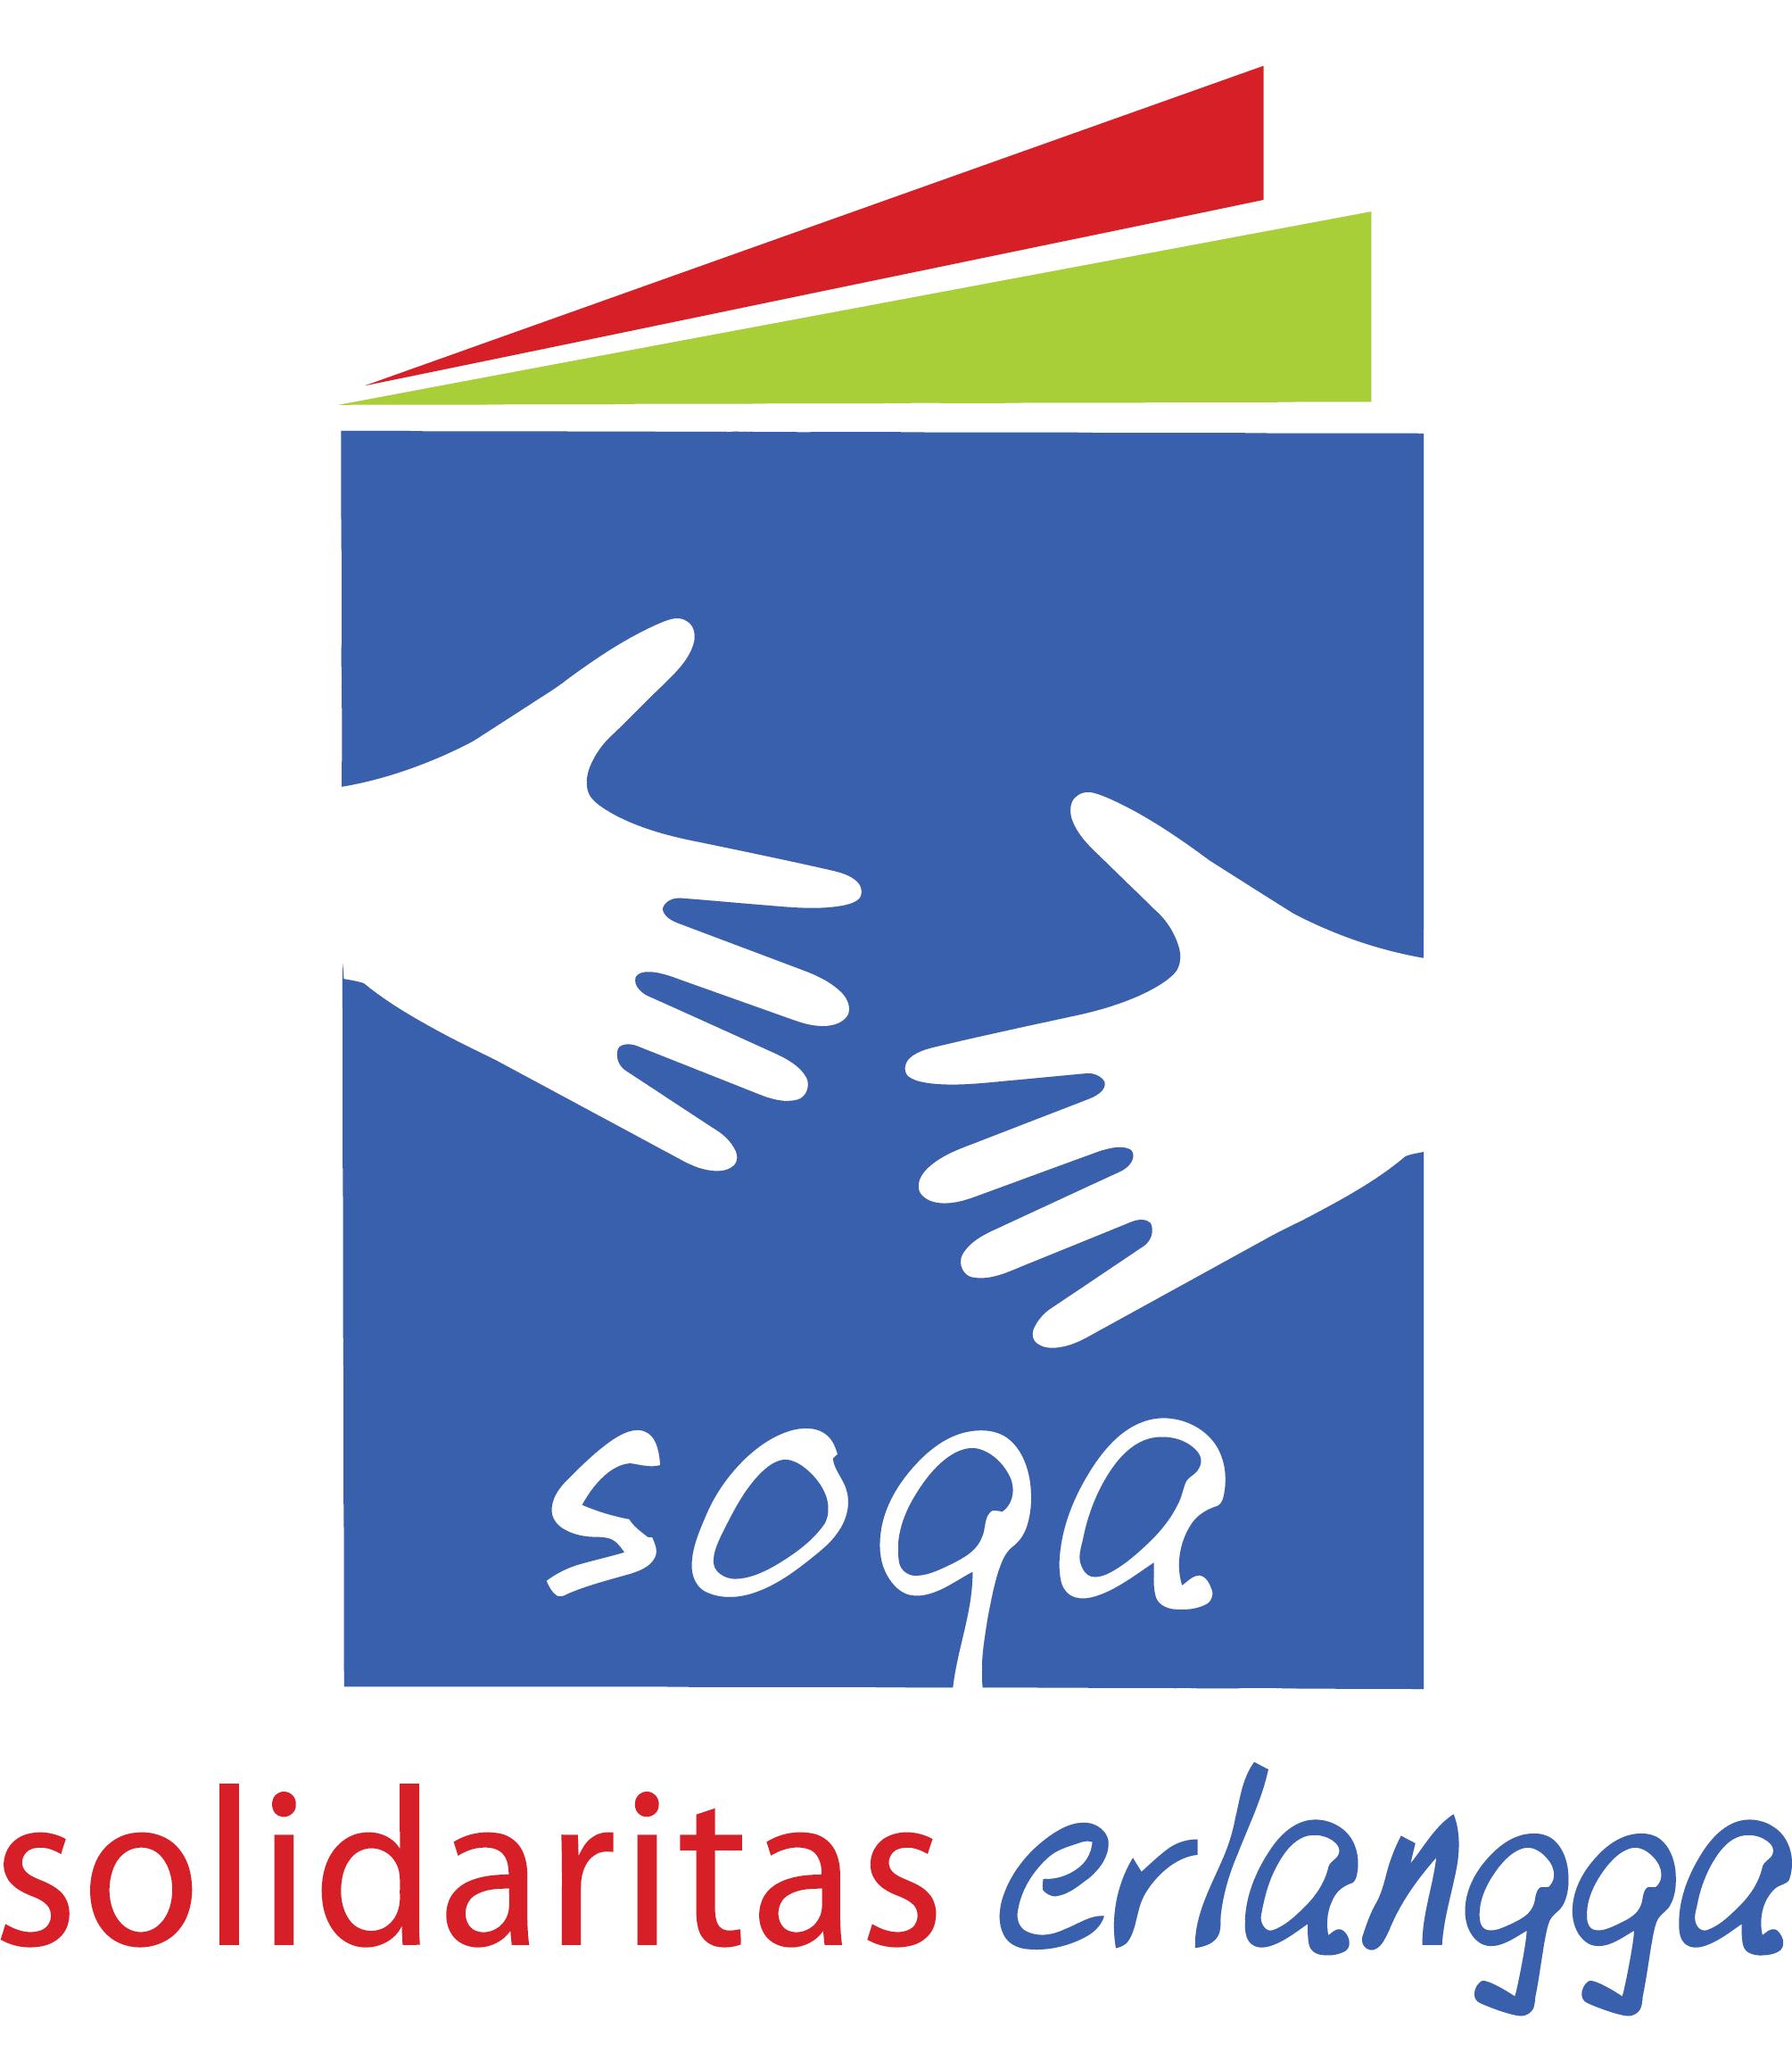 Solidaritas Erlangga